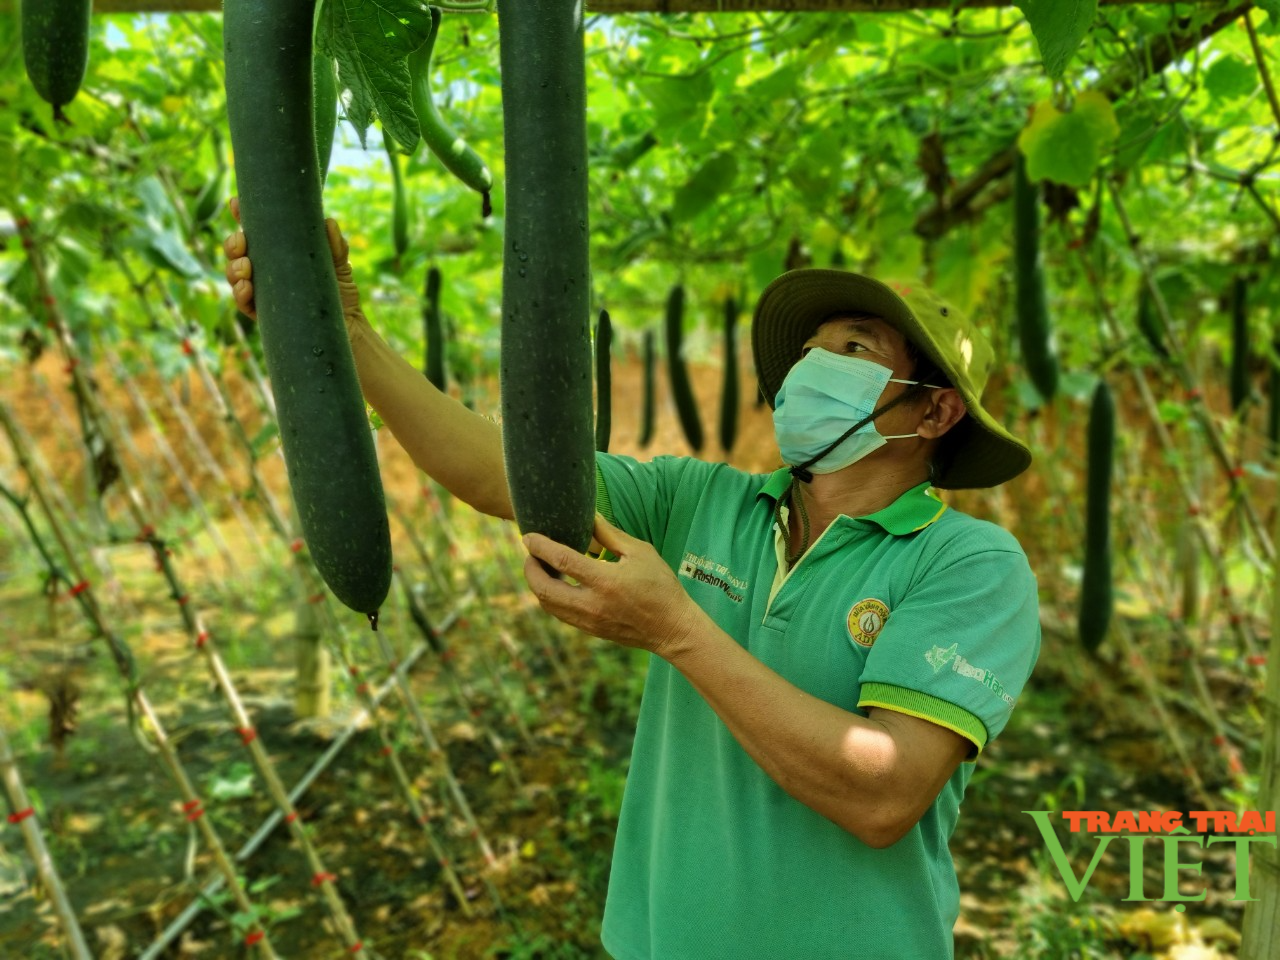 Yên Sơn nâng cao thu nhập cho người dân - Ảnh 1.